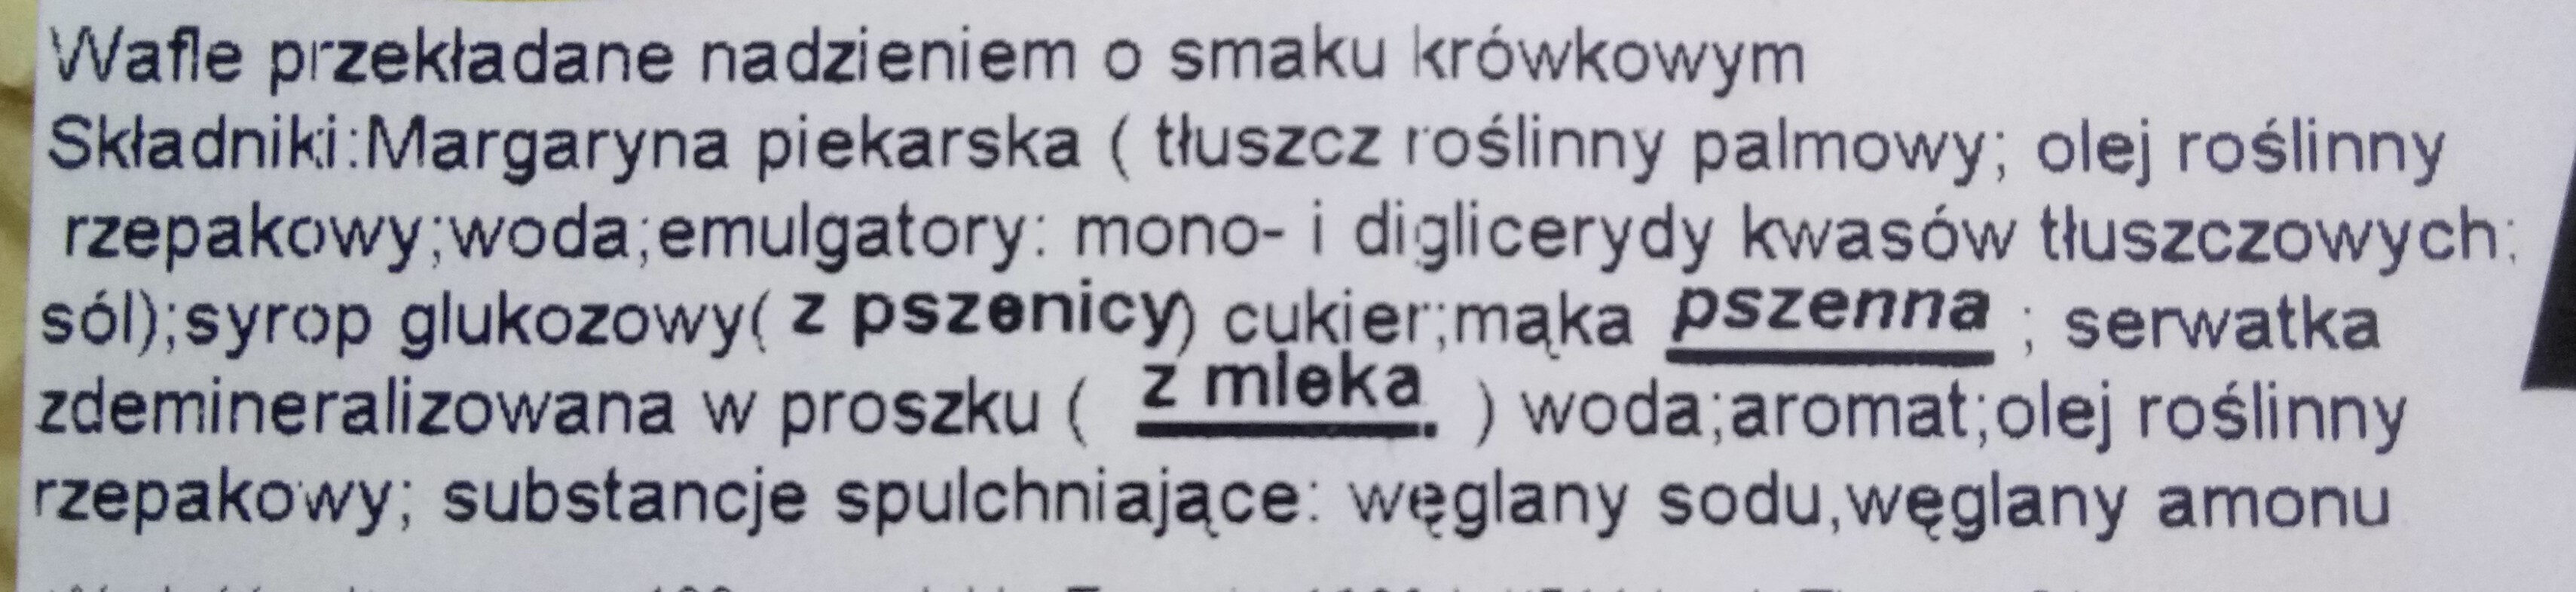 Wafle przekładane nadzieniem o smaku krówkowym - Ingrediënten - pl